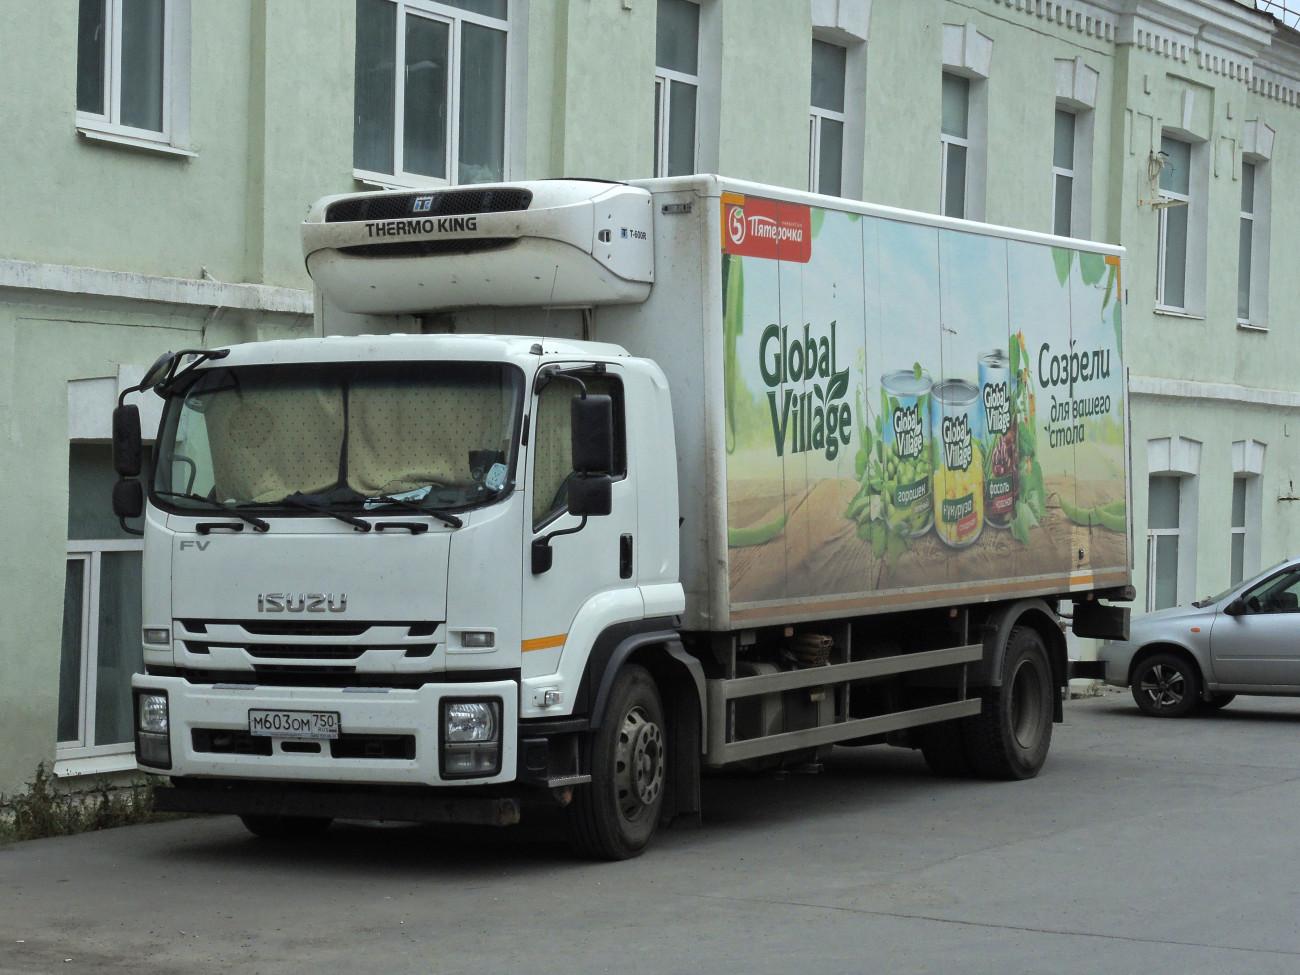 рефрежираторный фургон на шасси Isuzu FV #М603ОМ750. г. Самара, ул. Ново-Садовая